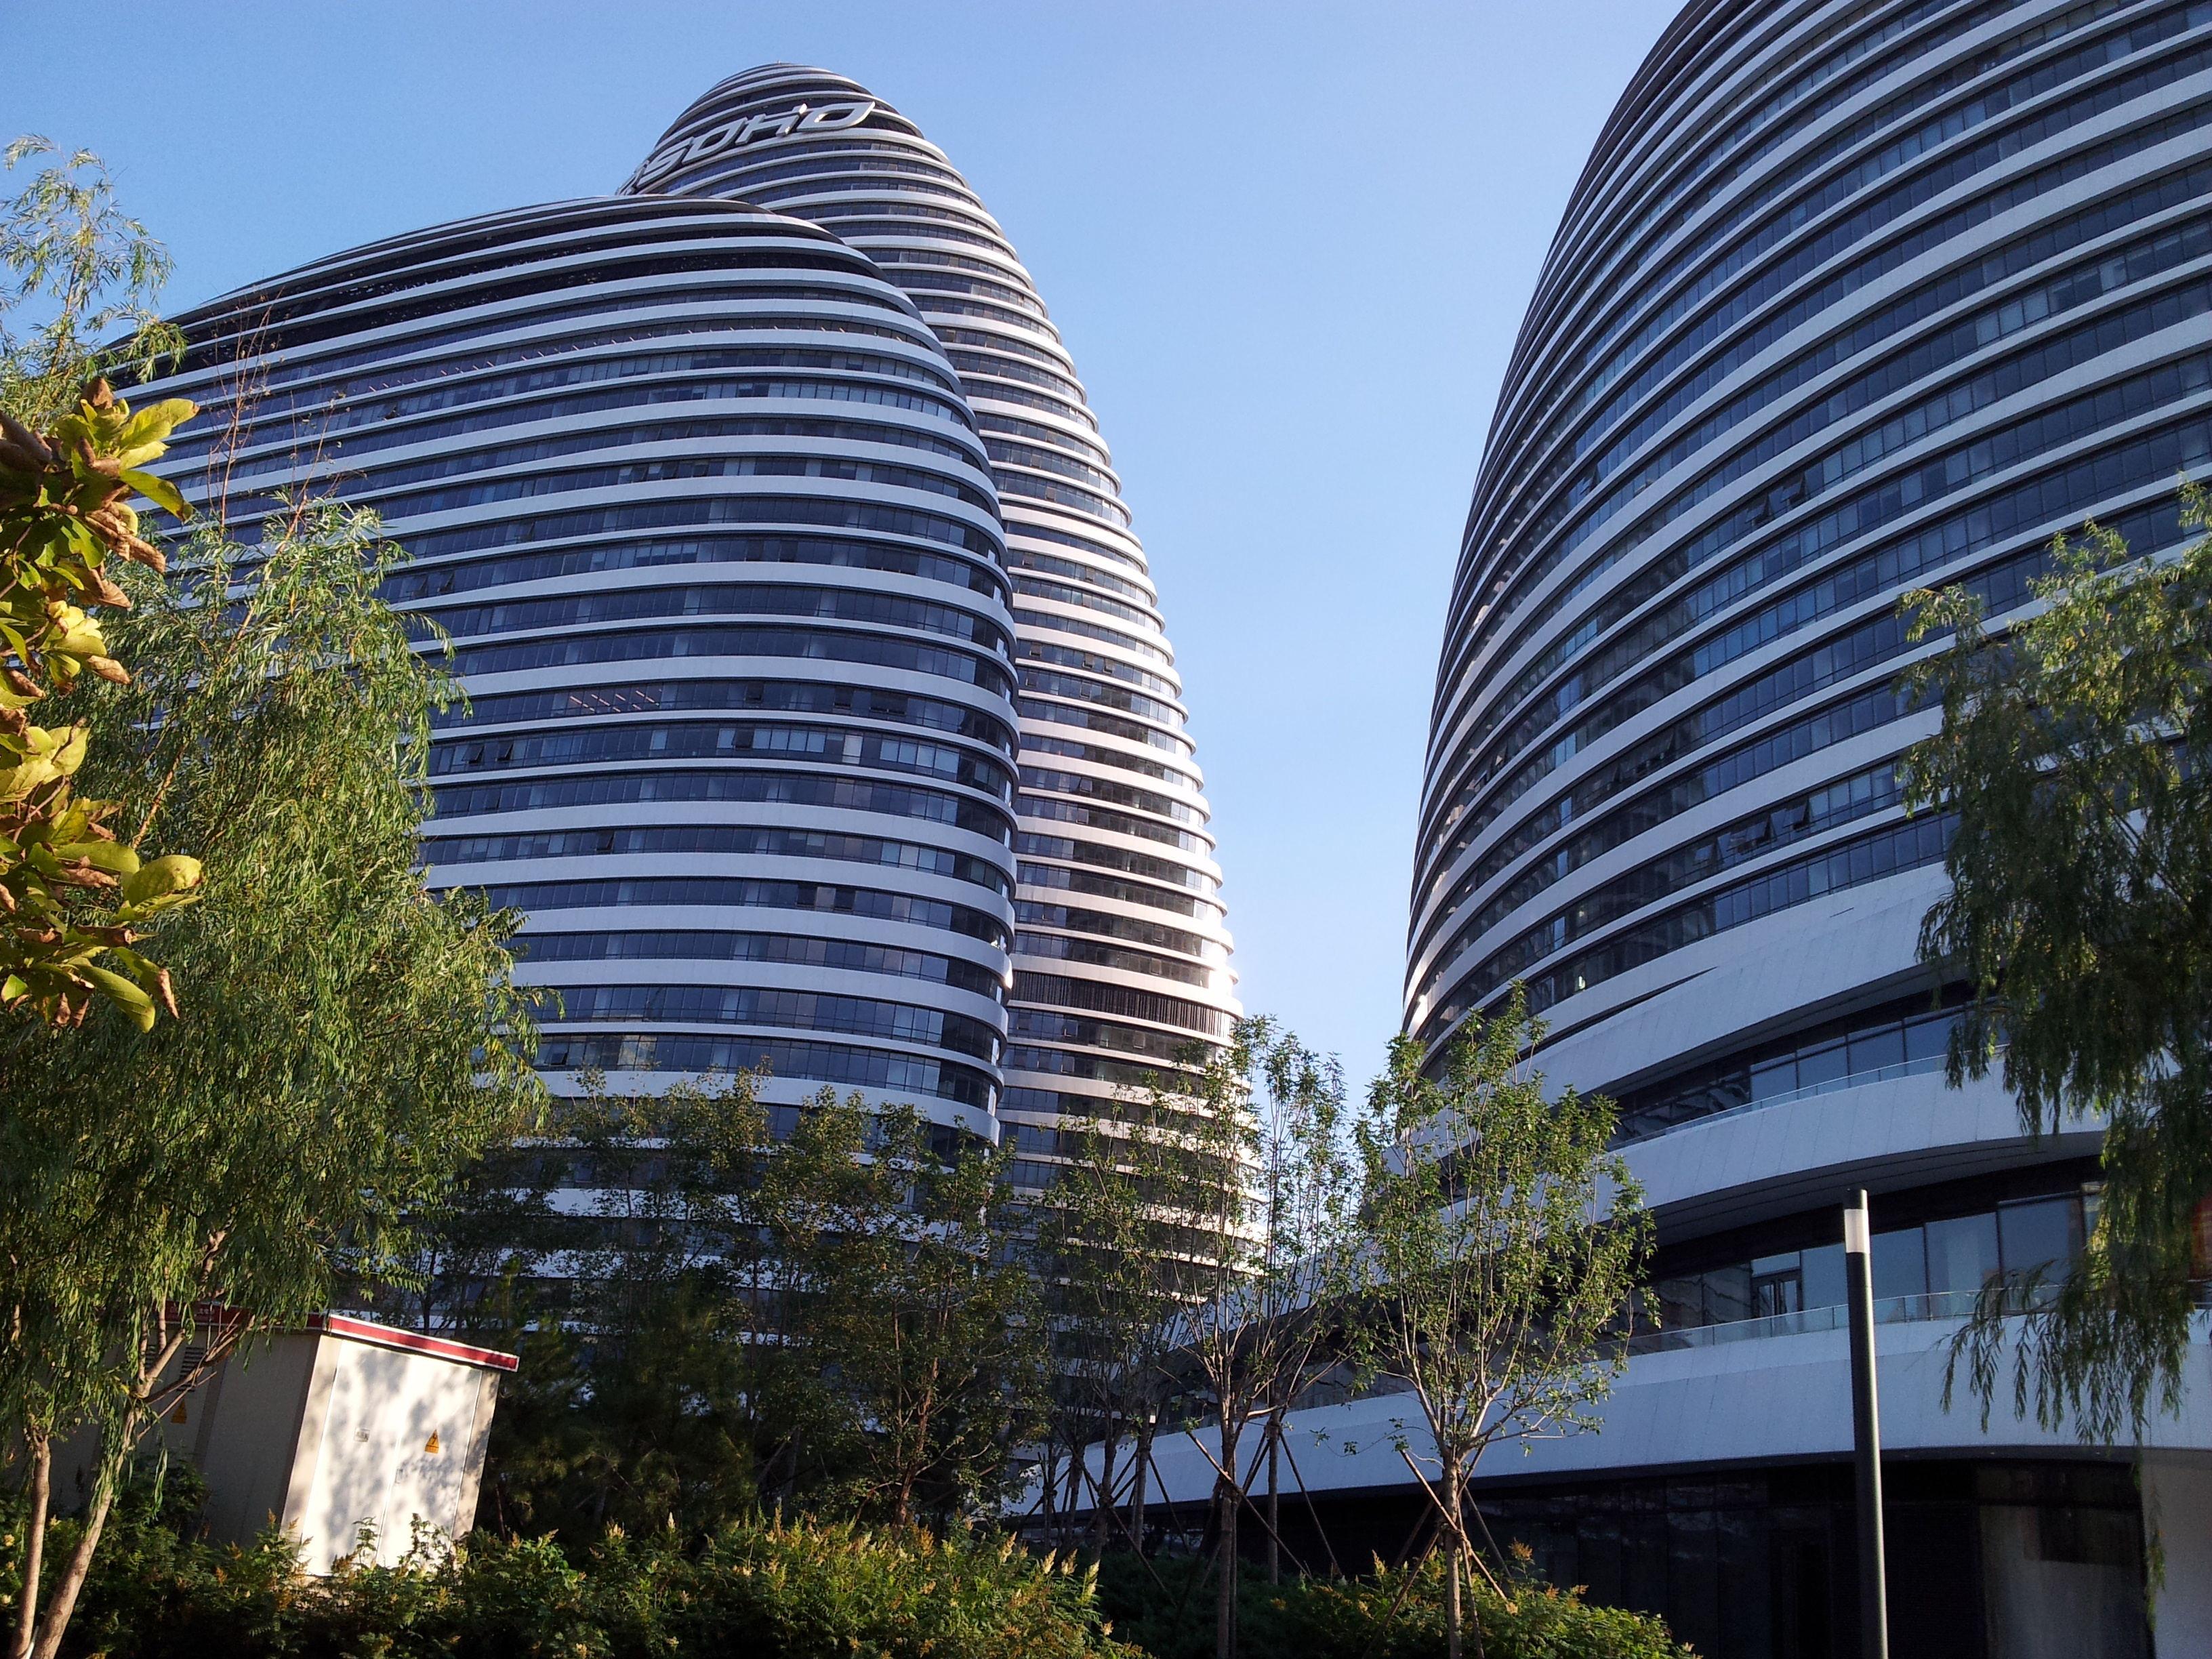 NAX Report 01/15: GEZE unterstützt deutsche Architekten in China